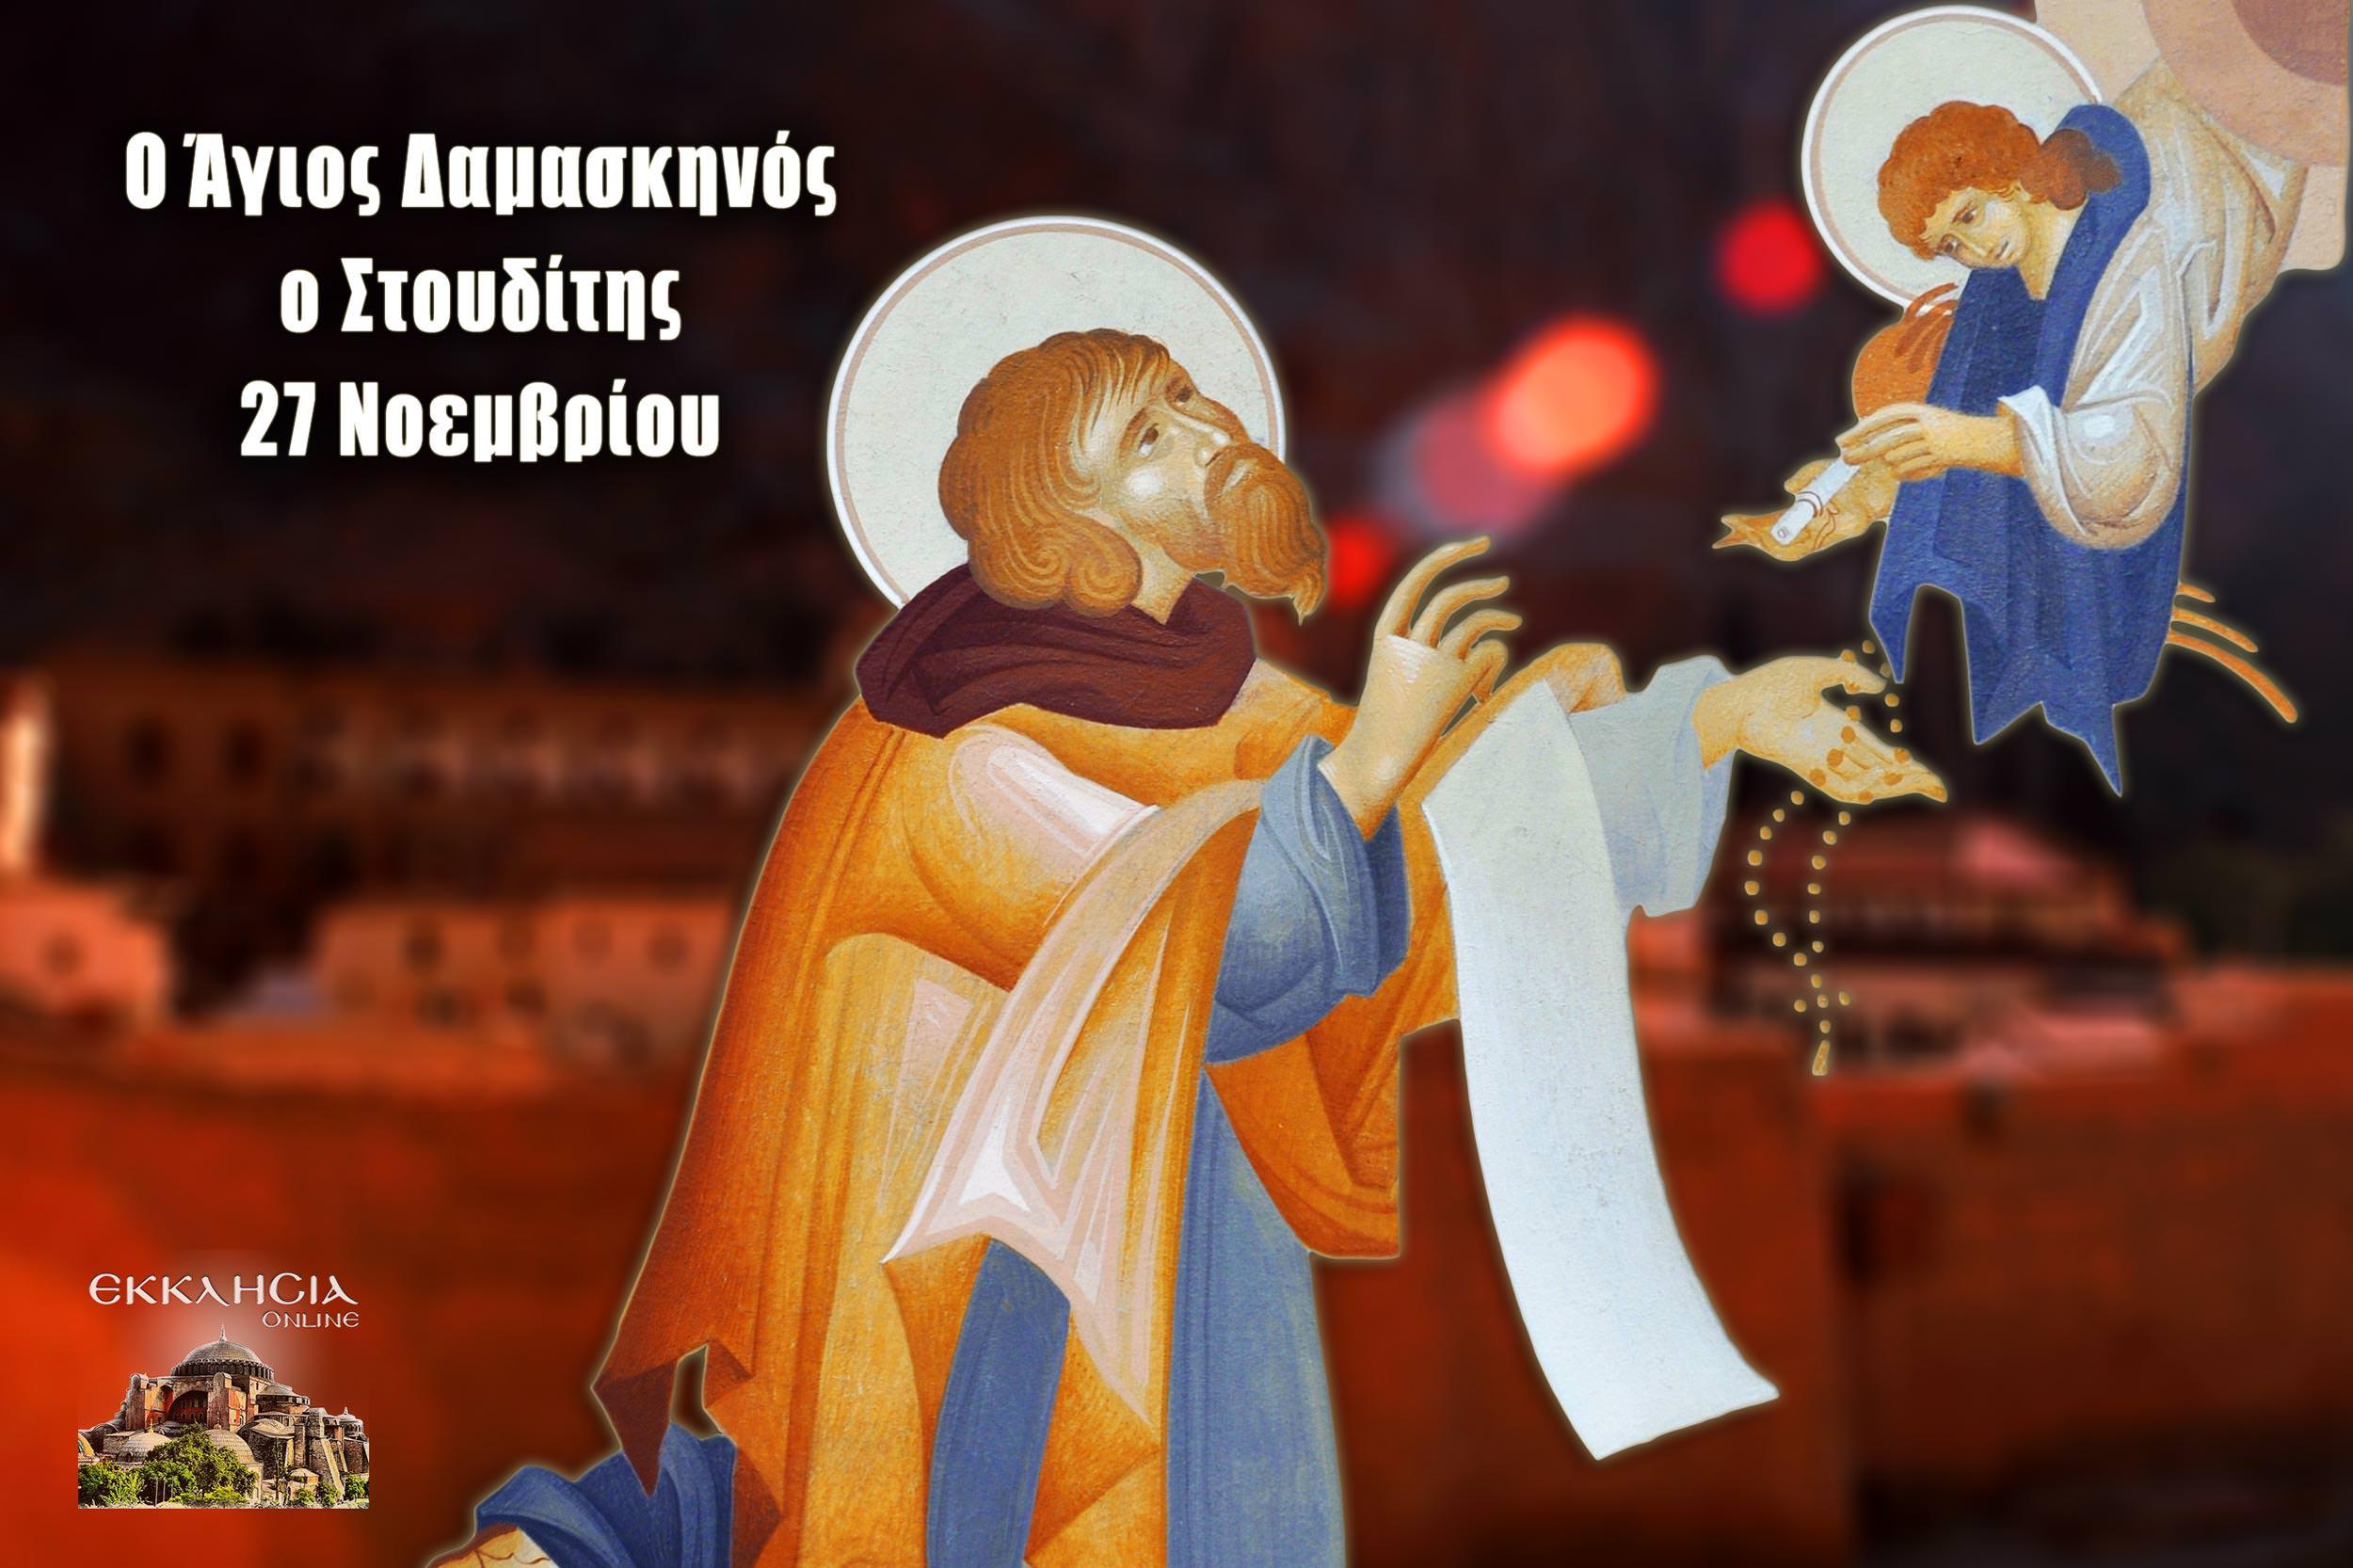 Άγιος Δαμασκηνός 27 Νοεμβρίου